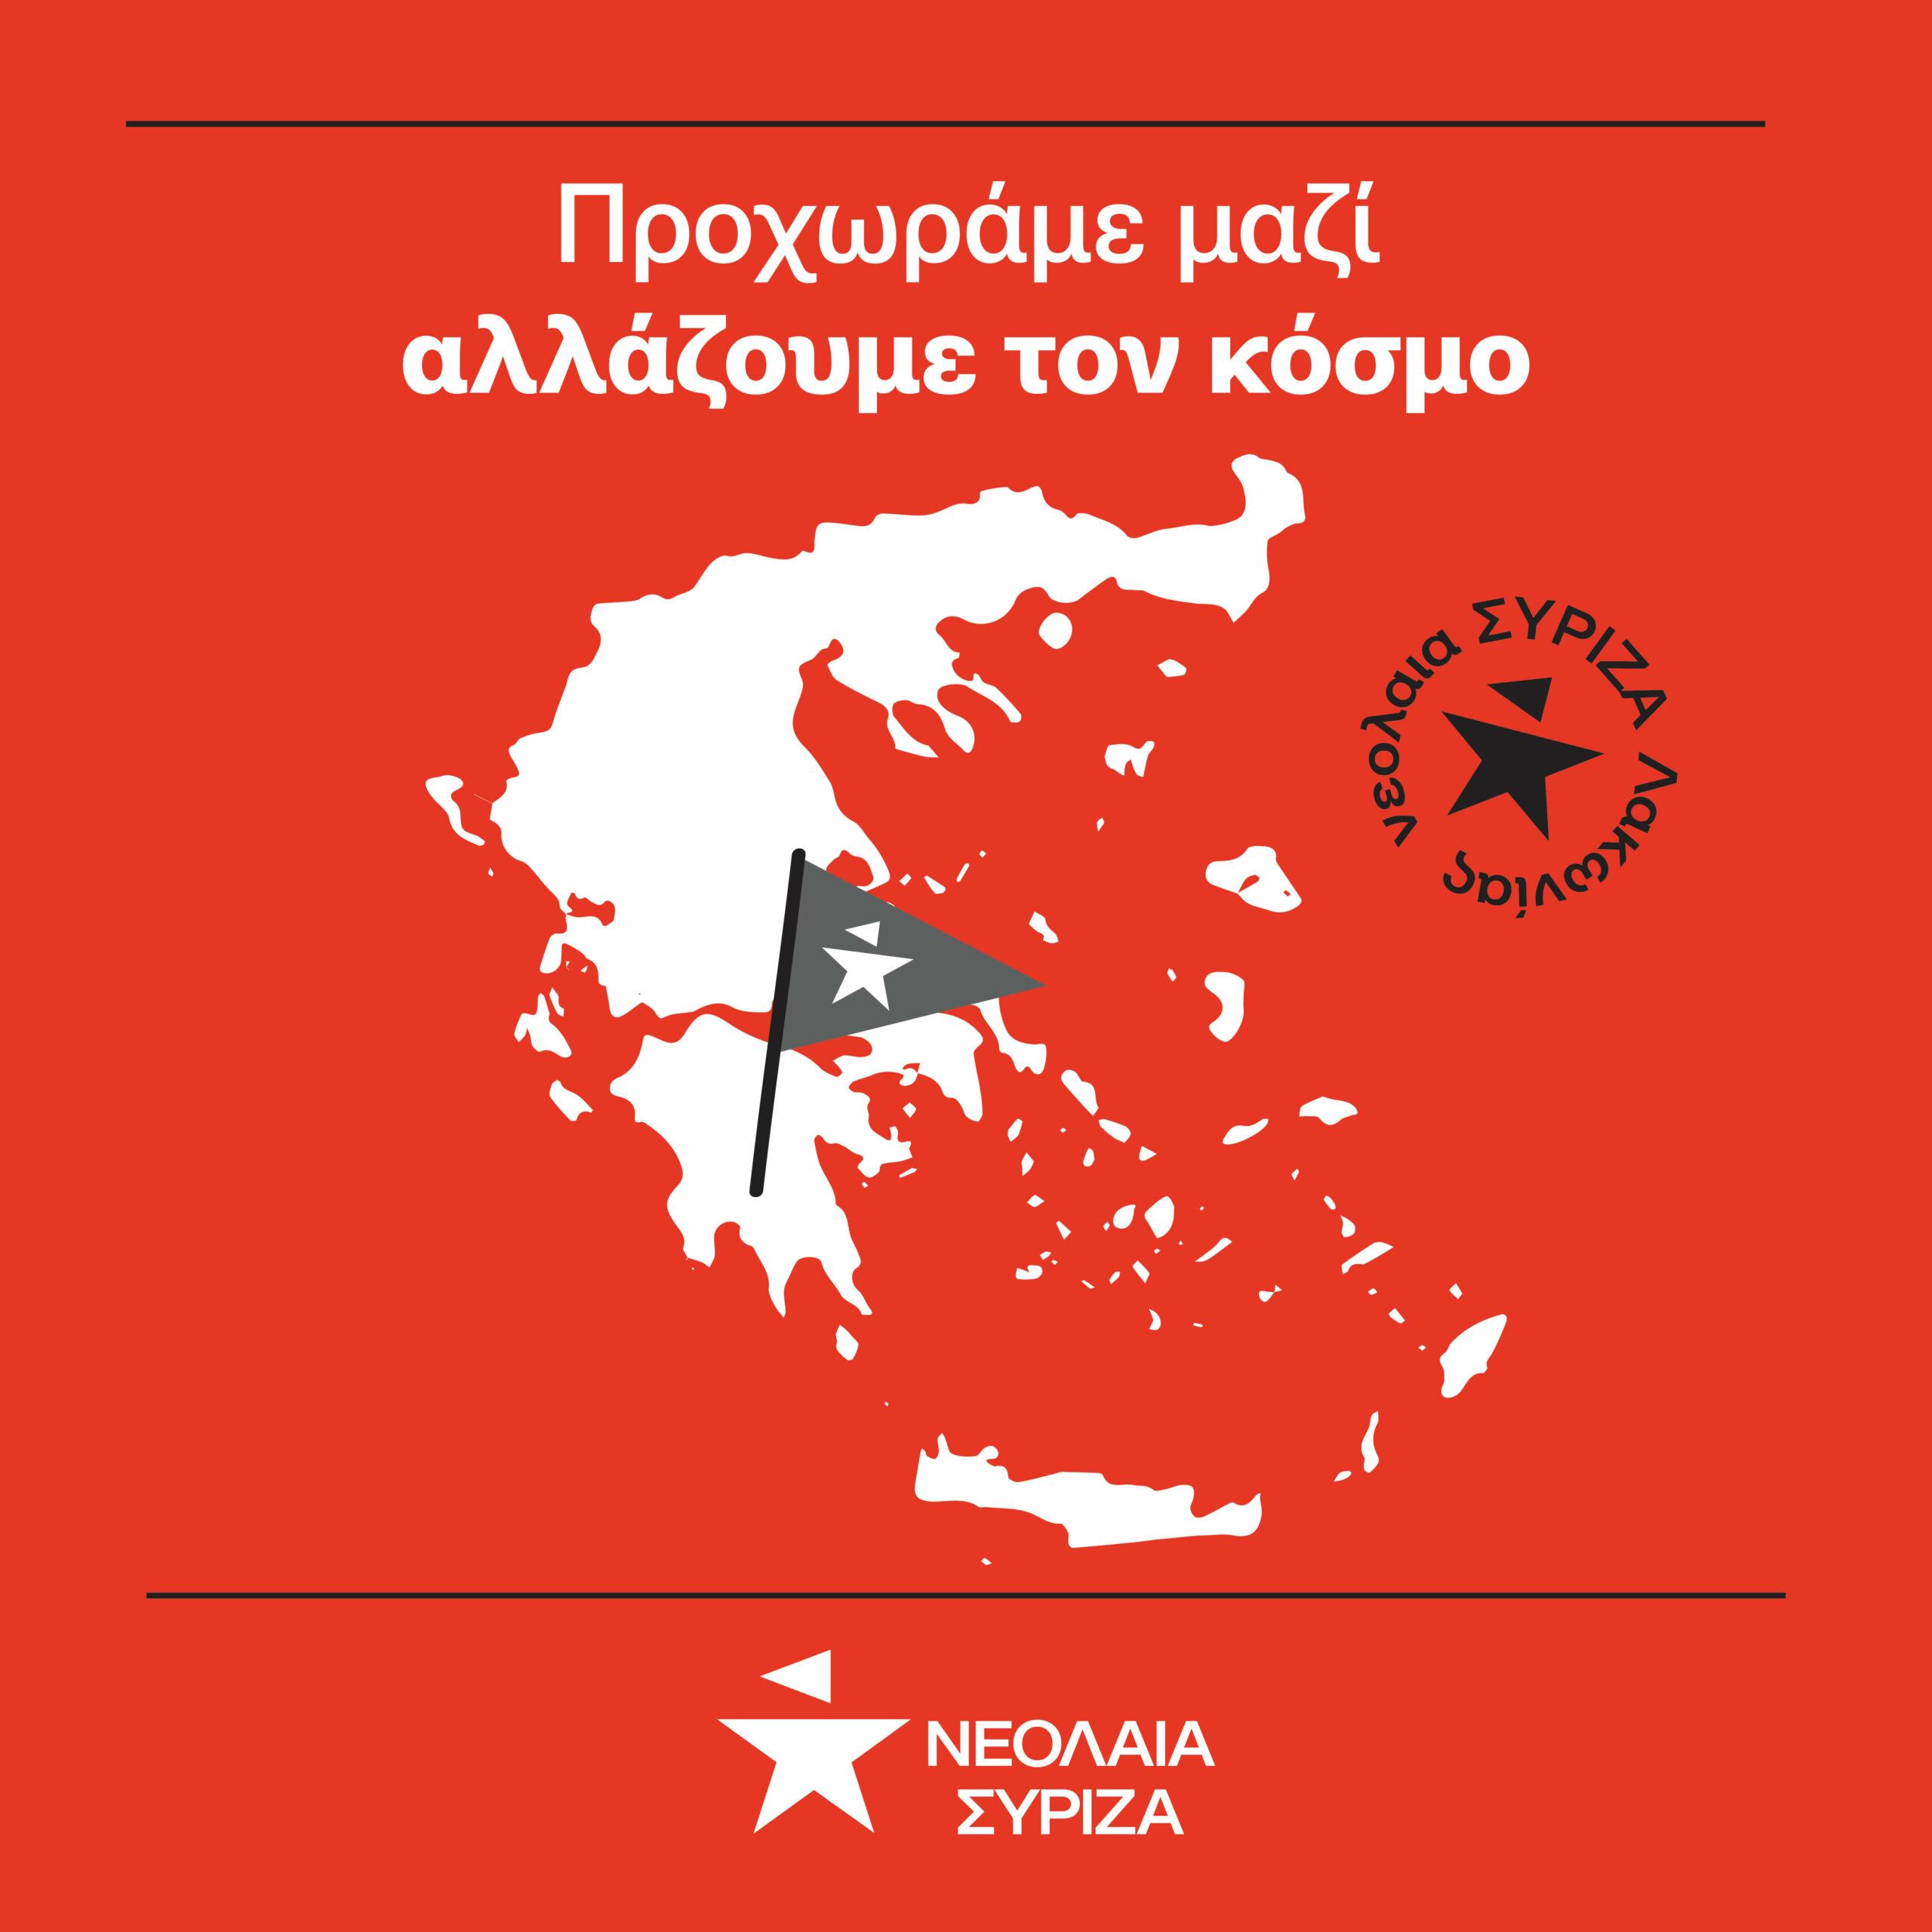 Ανακοίνωση για την ίδρυση Οργάνωσης Μελών στην Λακωνία